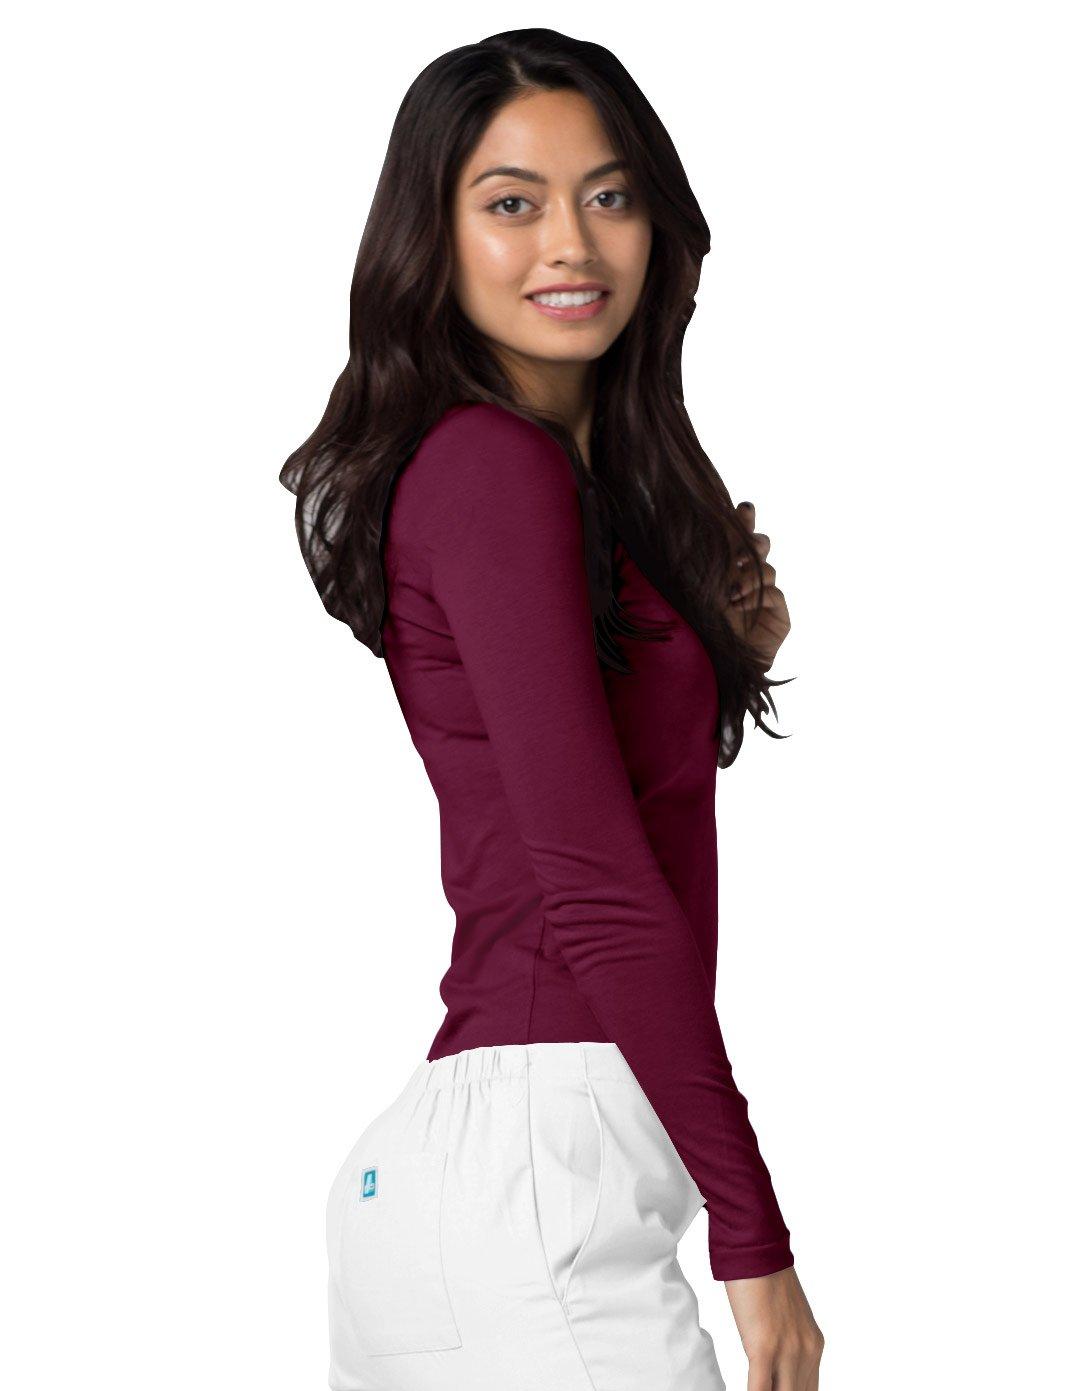 ADAR UNIFORMS Adar Womens Comfort Long Sleeve T-Shirt Underscrub Tee - 2900 - Burgundy - M by ADAR UNIFORMS (Image #5)